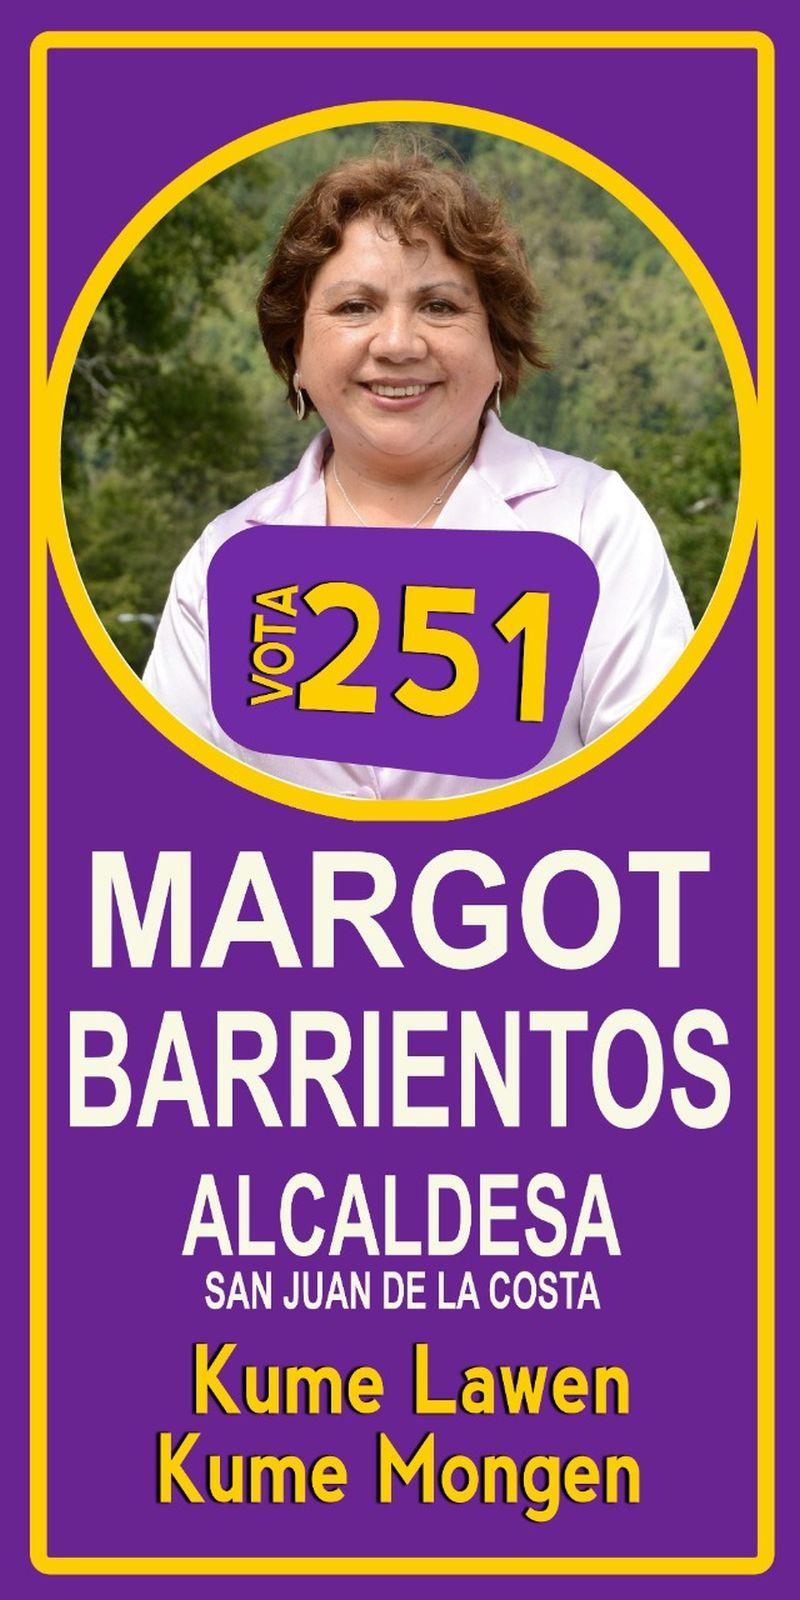 Margot Barrientos Molina